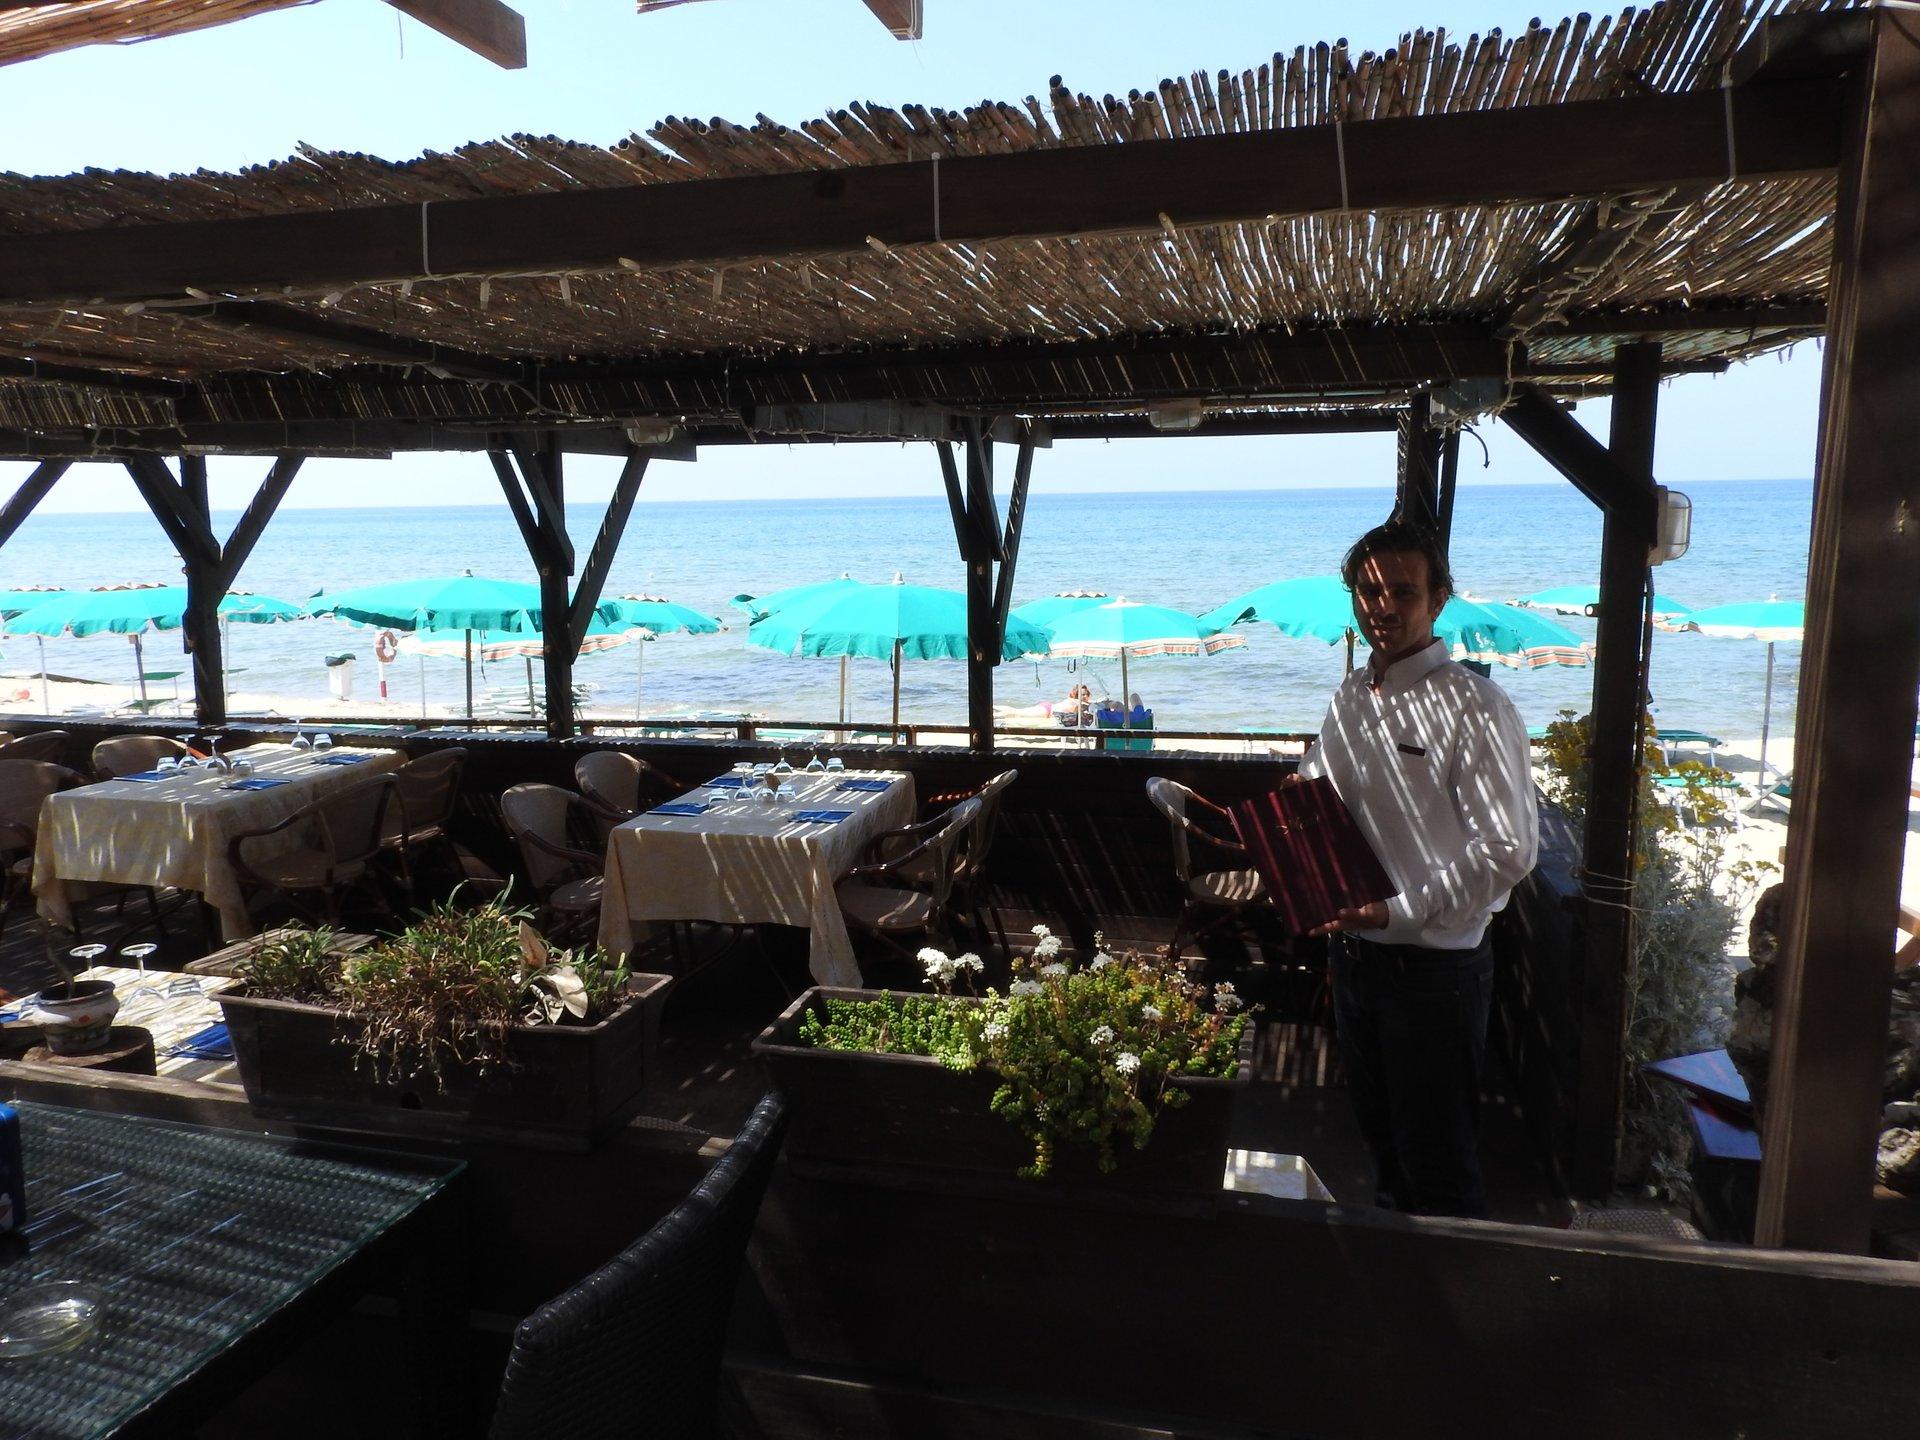 terrazza sul mare con cameriere